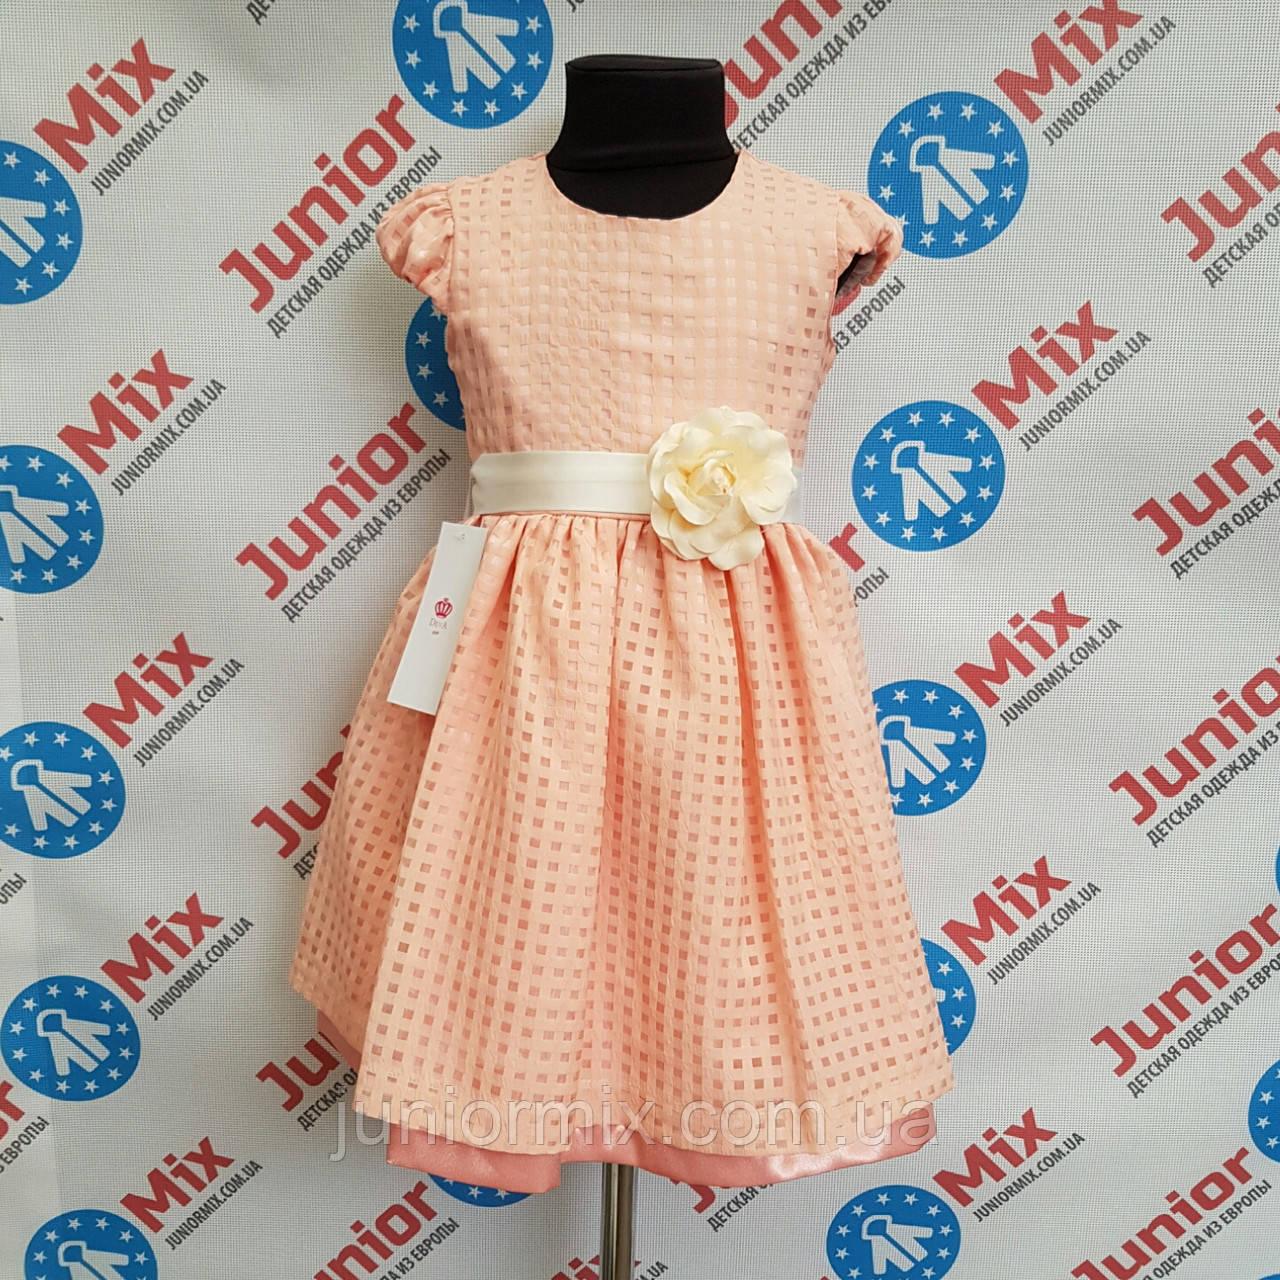 Хмельницкий купить платье для девочки